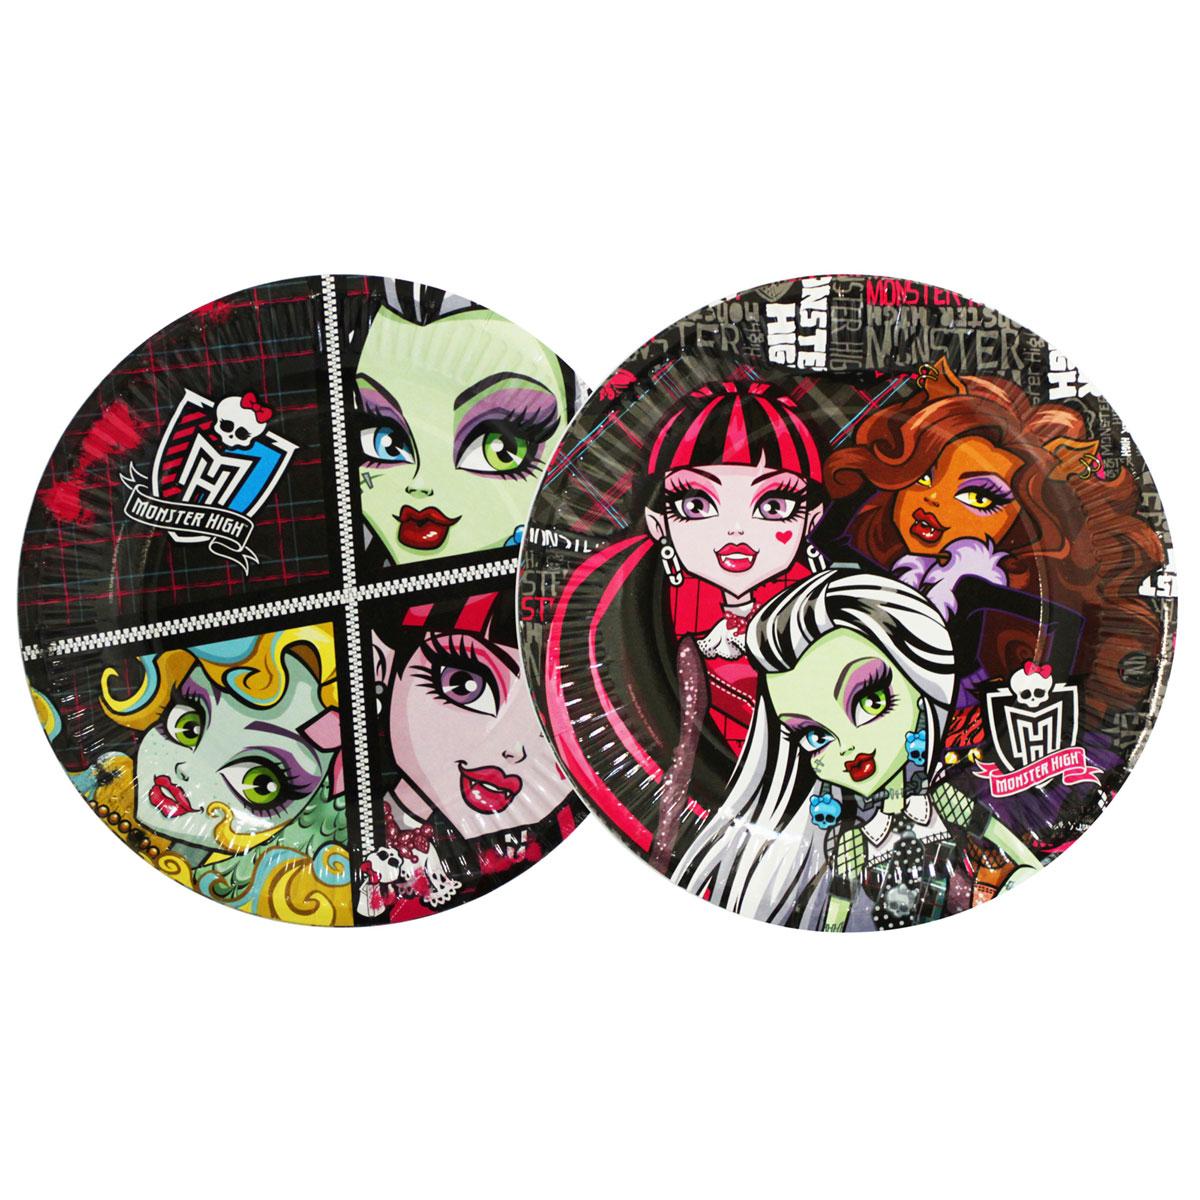 Monster High Тарелка бумажная 10 шт21249Одноразовая посуда прочно вошла в современную жизнь, и теперь многие люди просто не представляют без нее детский праздник или пикник: она почти невесома, не может разбиться и не нуждается в мытье. Изготовленные из бумаги, тарелки для праздника Монстр Хай являются экологически чистыми, поэтому безопасны для здоровья. Благодаря глянцевому ламинированию они прекрасно справляются со своей задачей: удерживают еду, не промокают и не протекают. В набор входит 10 тарелок диаметром 18 см.